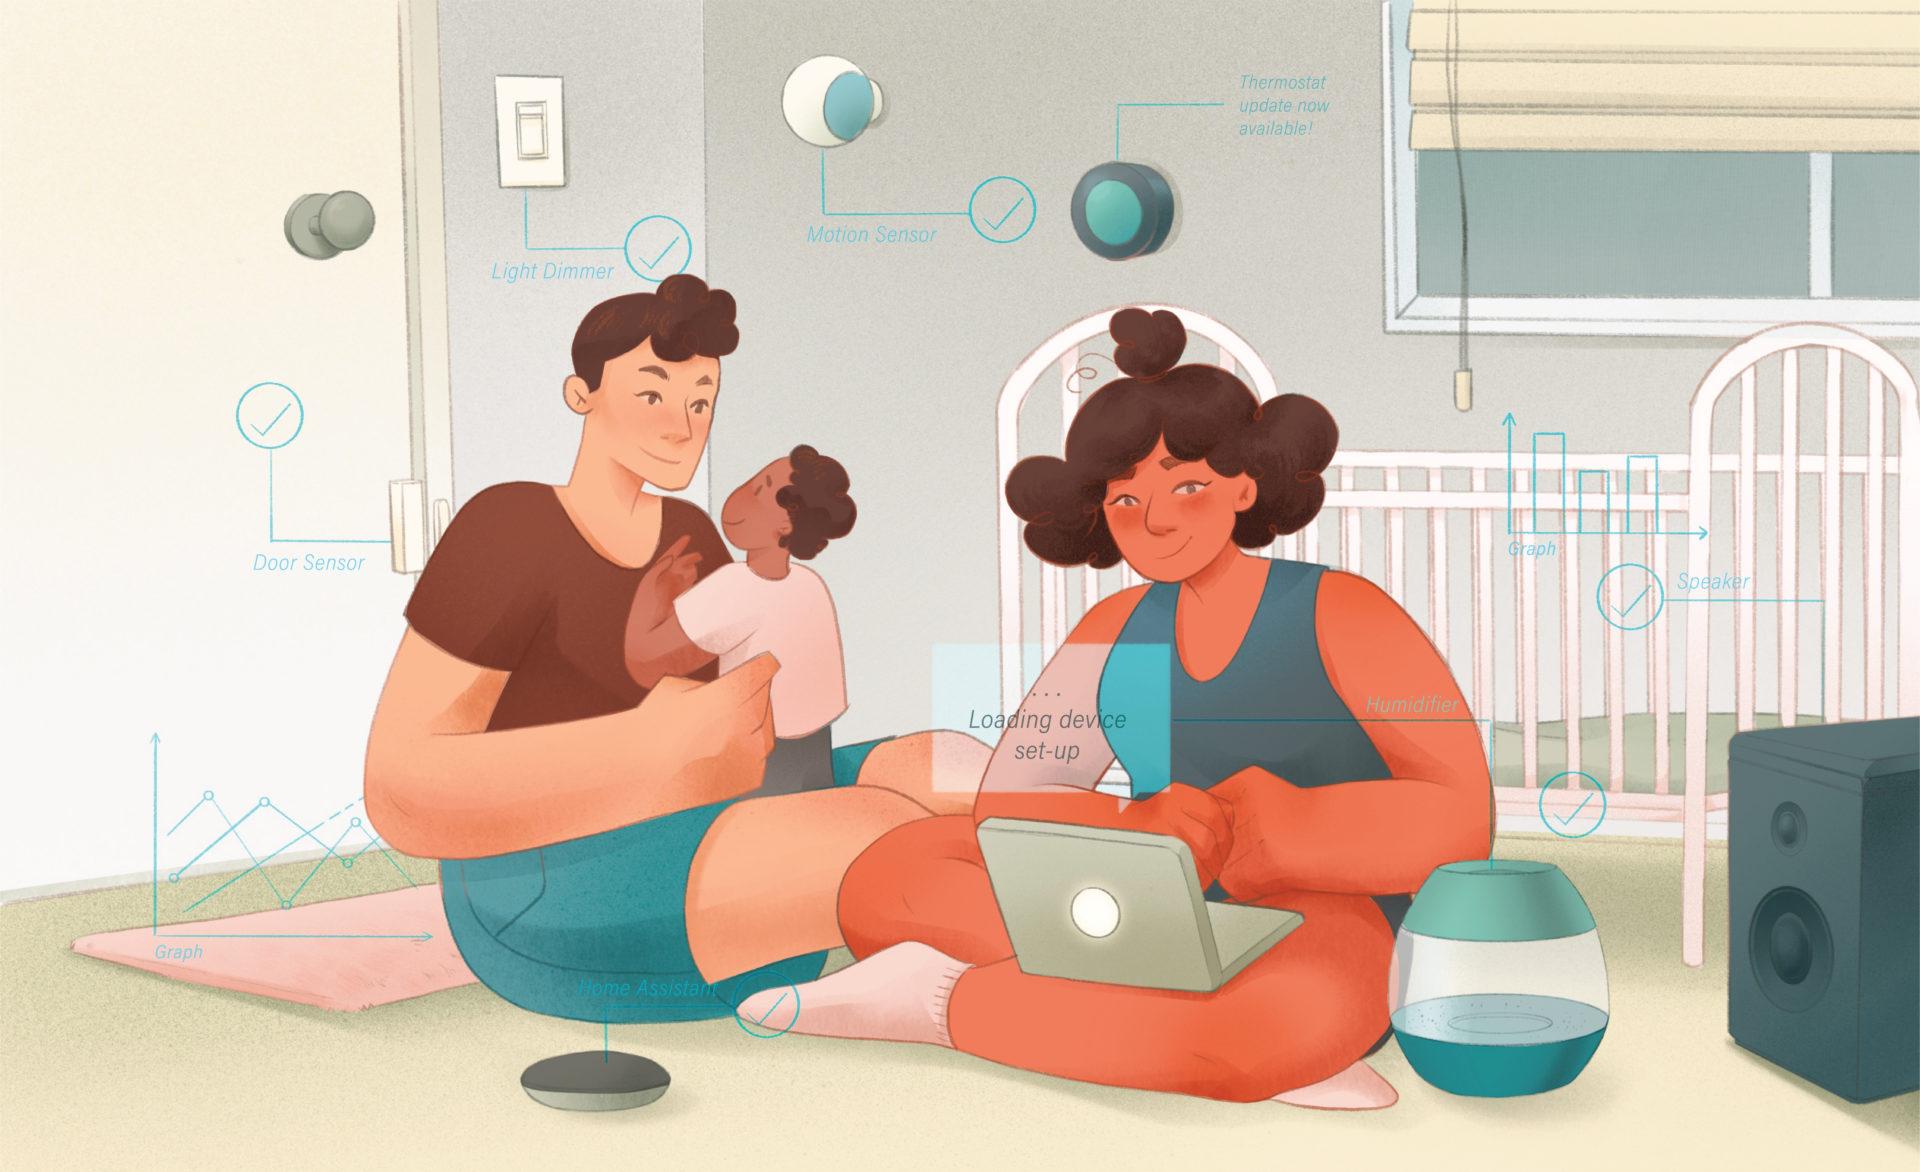 Secure home illustration